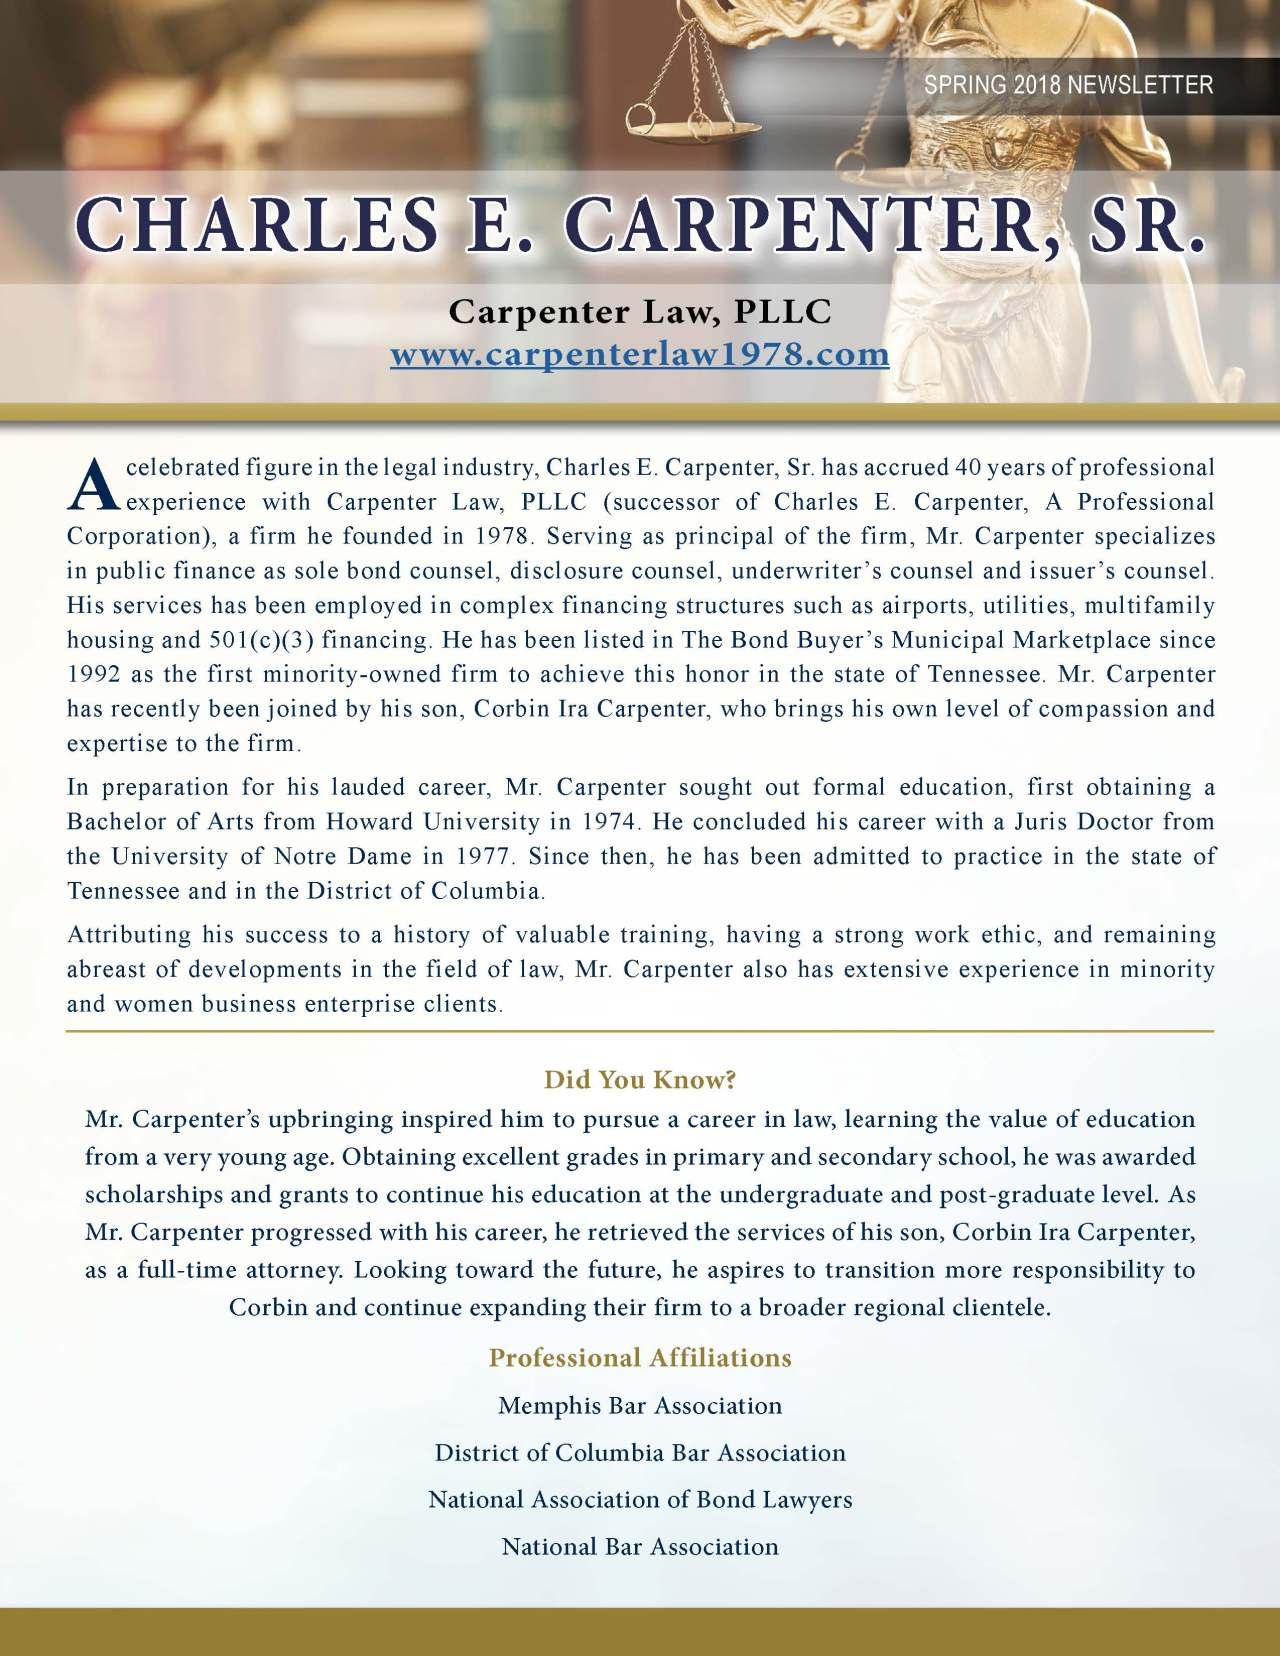 Carpenter, Charles 3718705_4003718705 Newsletter REVISED